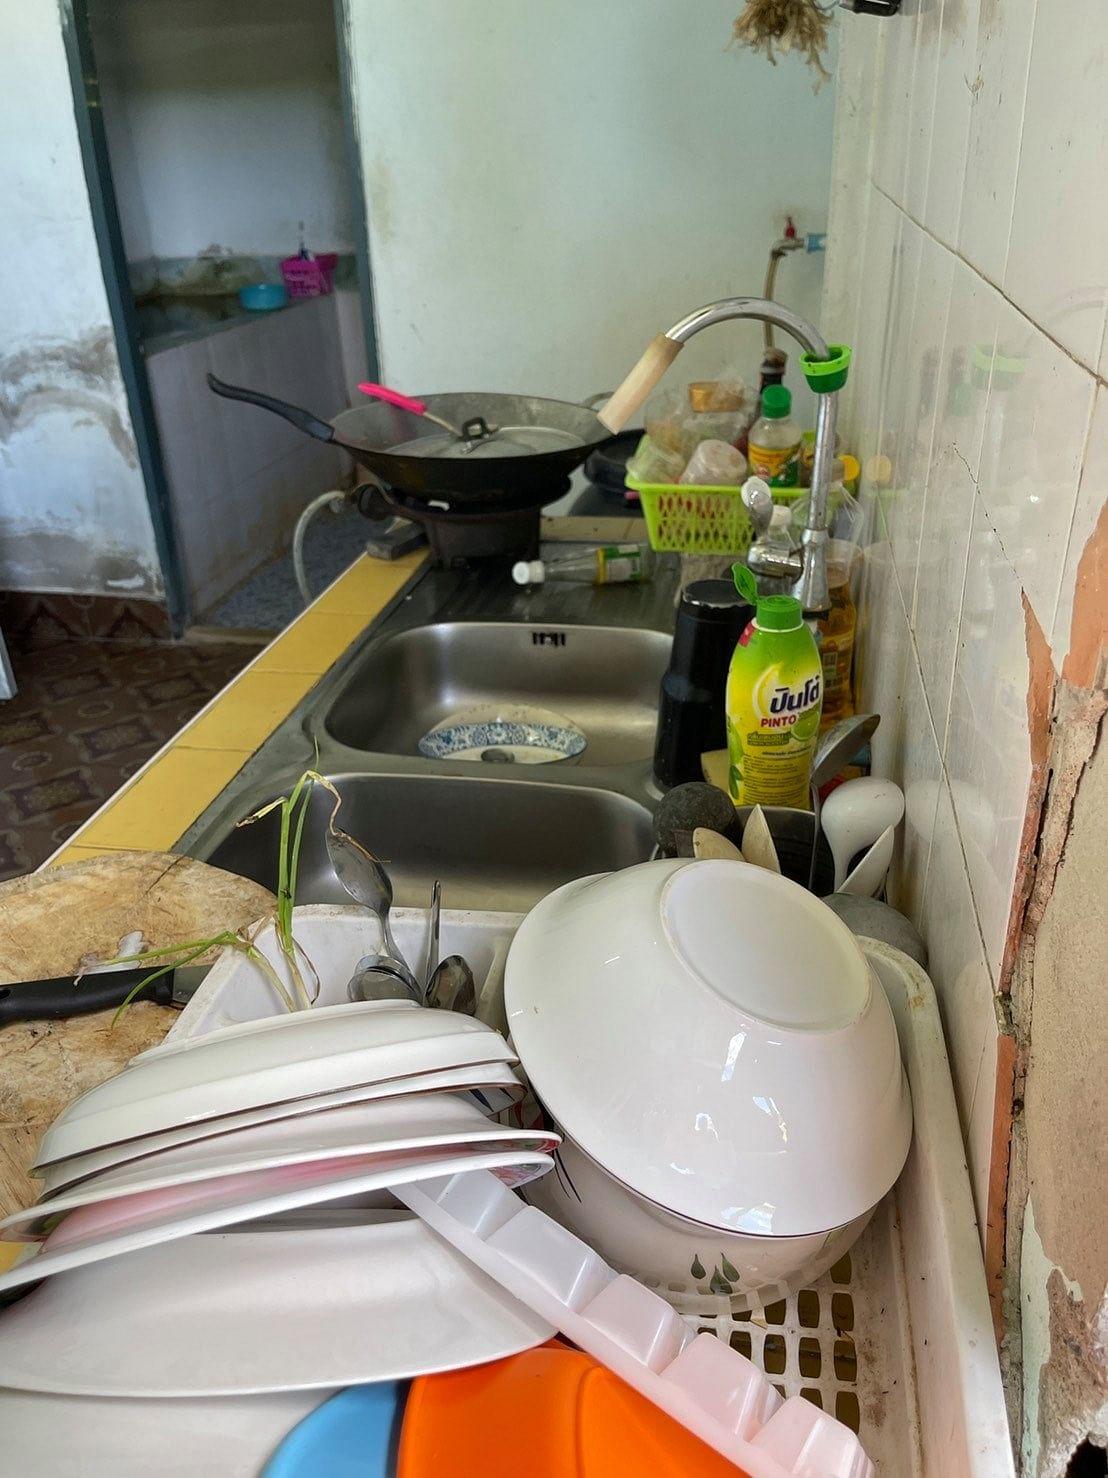 ห้องครัวที่ช้างป่าโผล่เข้ามา